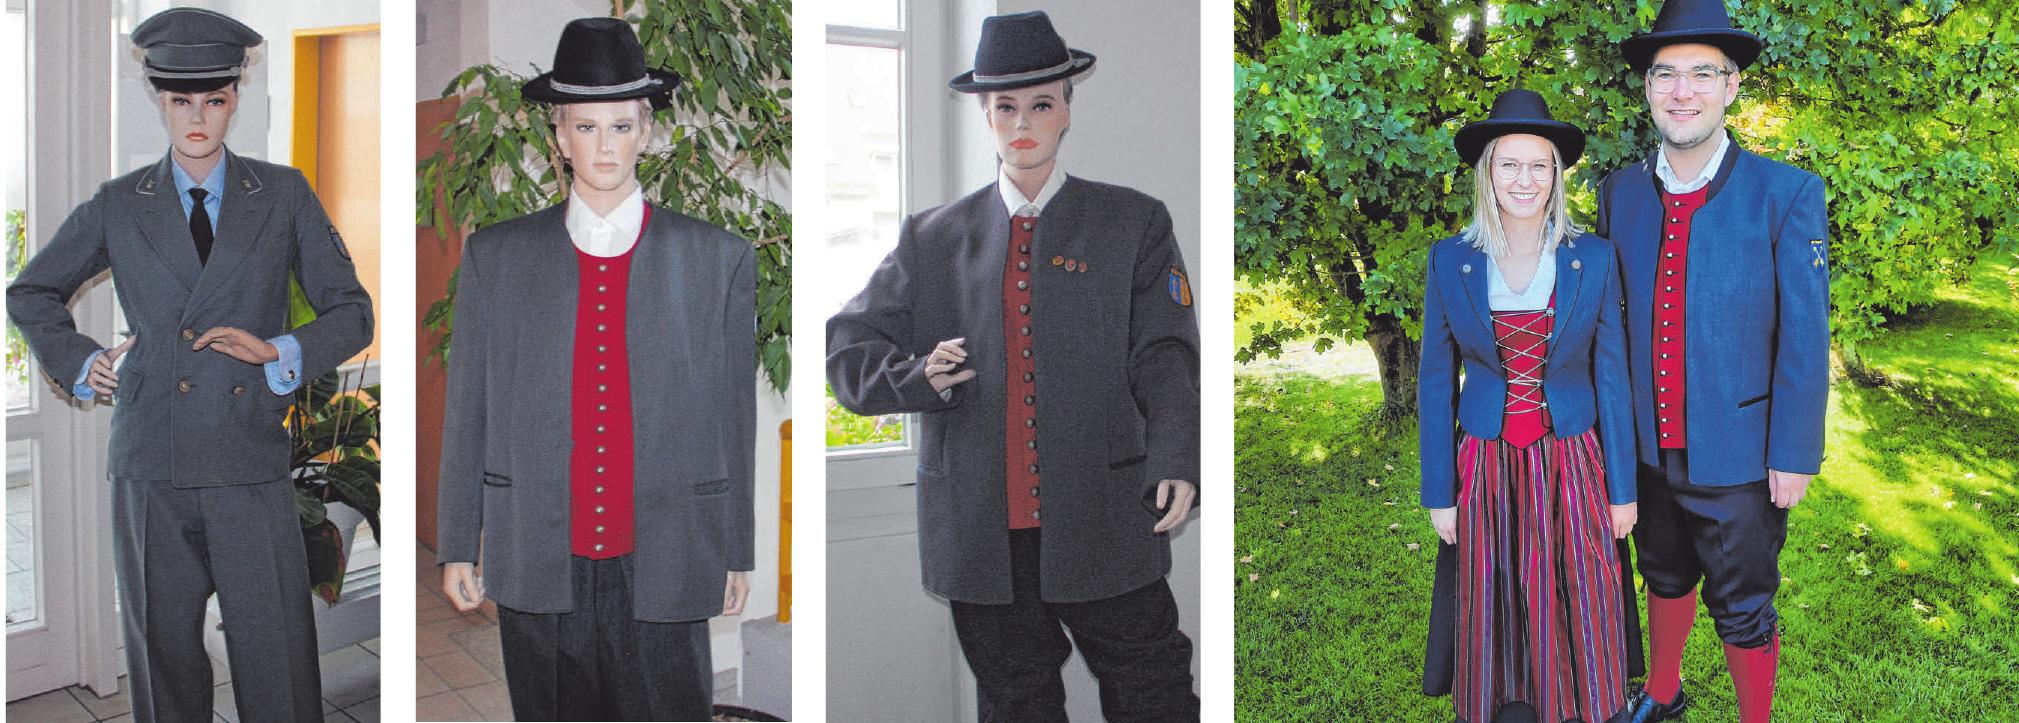 Die Uniformen des Musikvereins von 1958, 1968, 1971 und 2021. Nachdem 50 Jahre die selbe Uniform zum Einsatz kam, wurde diese nun modernisiert. Dazu bekamen die Musikerinnen ein Dirndl. FOTOS: NIKO ESCHWEILER, KARL LAMP